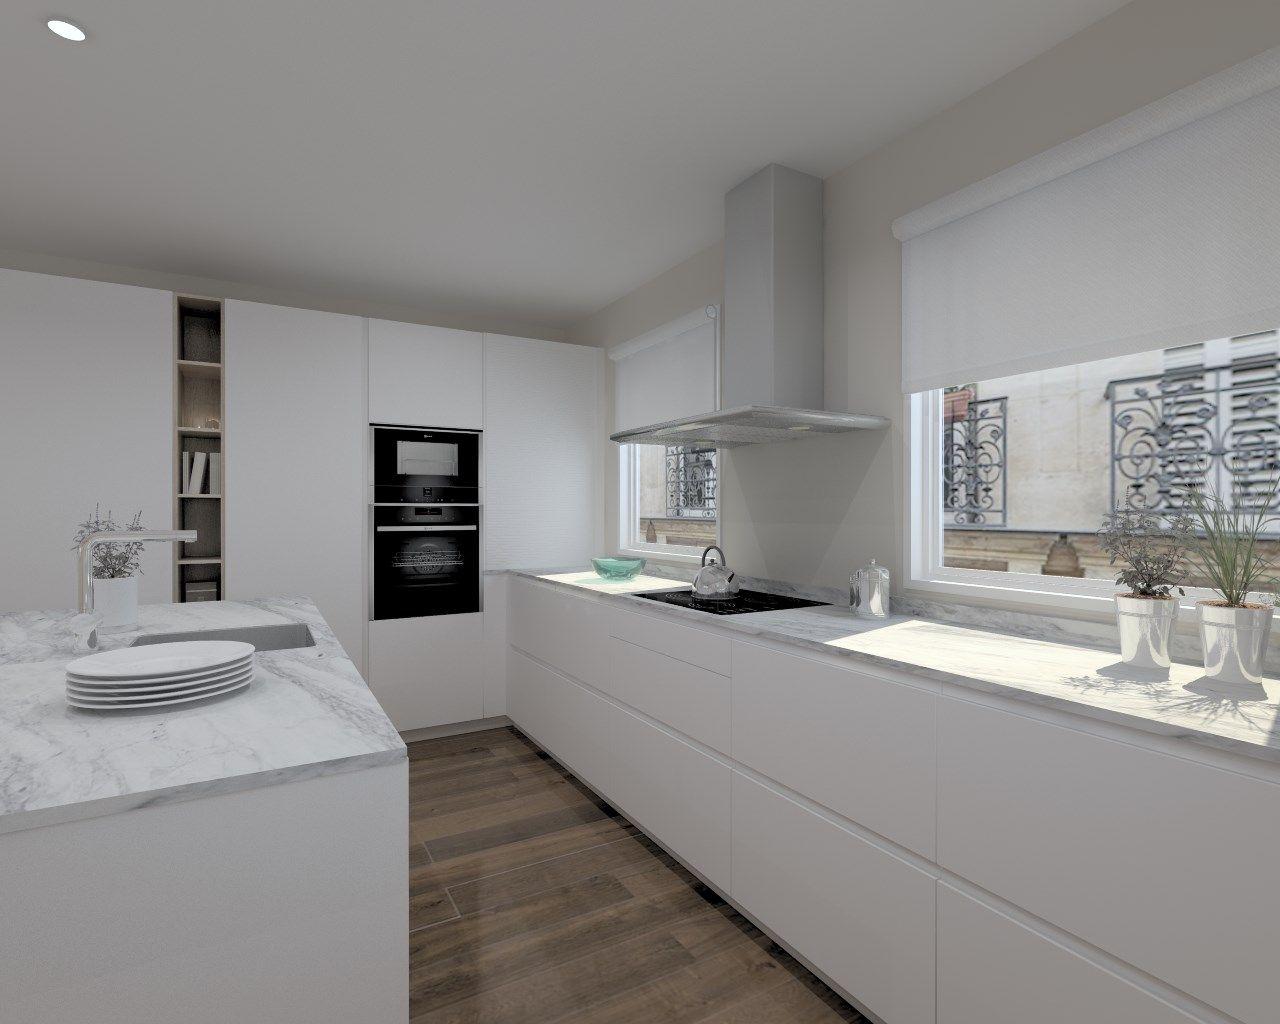 Cocinas santos modelo line laca seda blanco encimera for Encimera cocina granito